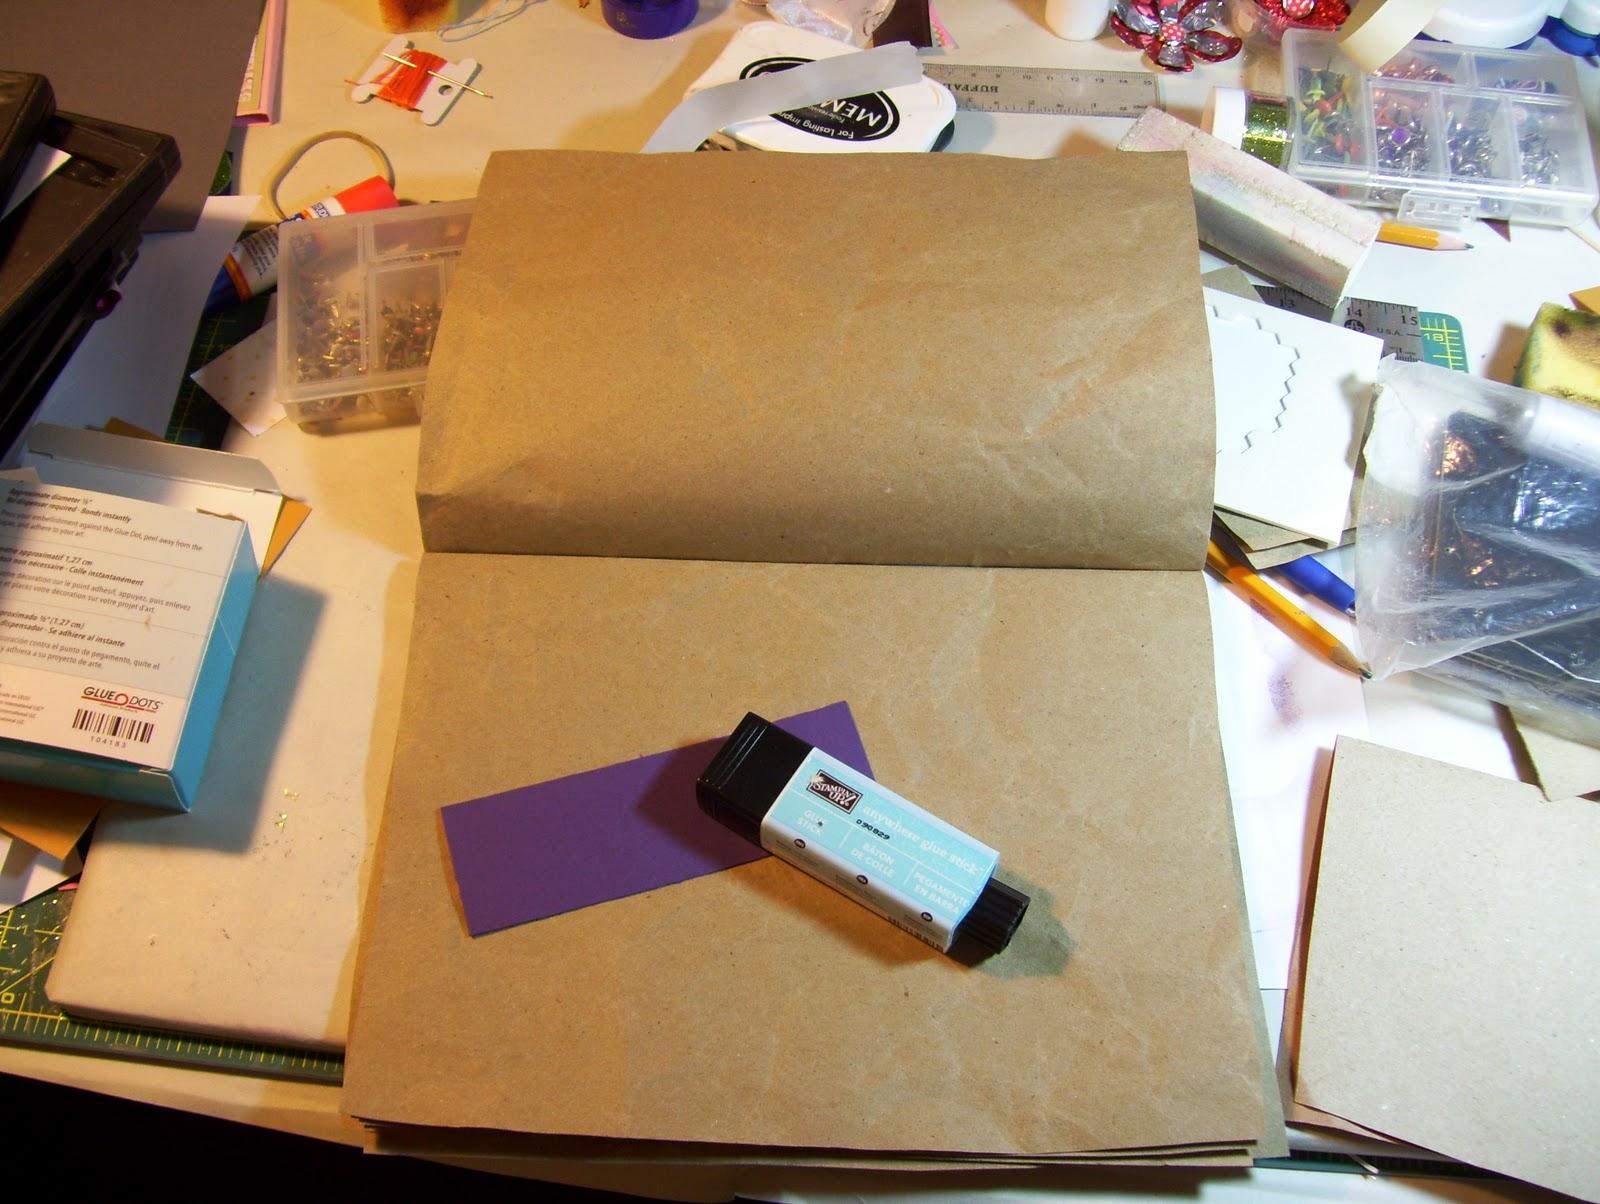 http://2.bp.blogspot.com/_gZkaQFfEzjw/TBBC54GBjpI/AAAAAAAAA_c/aQpBUKKr4Qc/s1600/Recycle+paper+to+glue+items+on.jpg